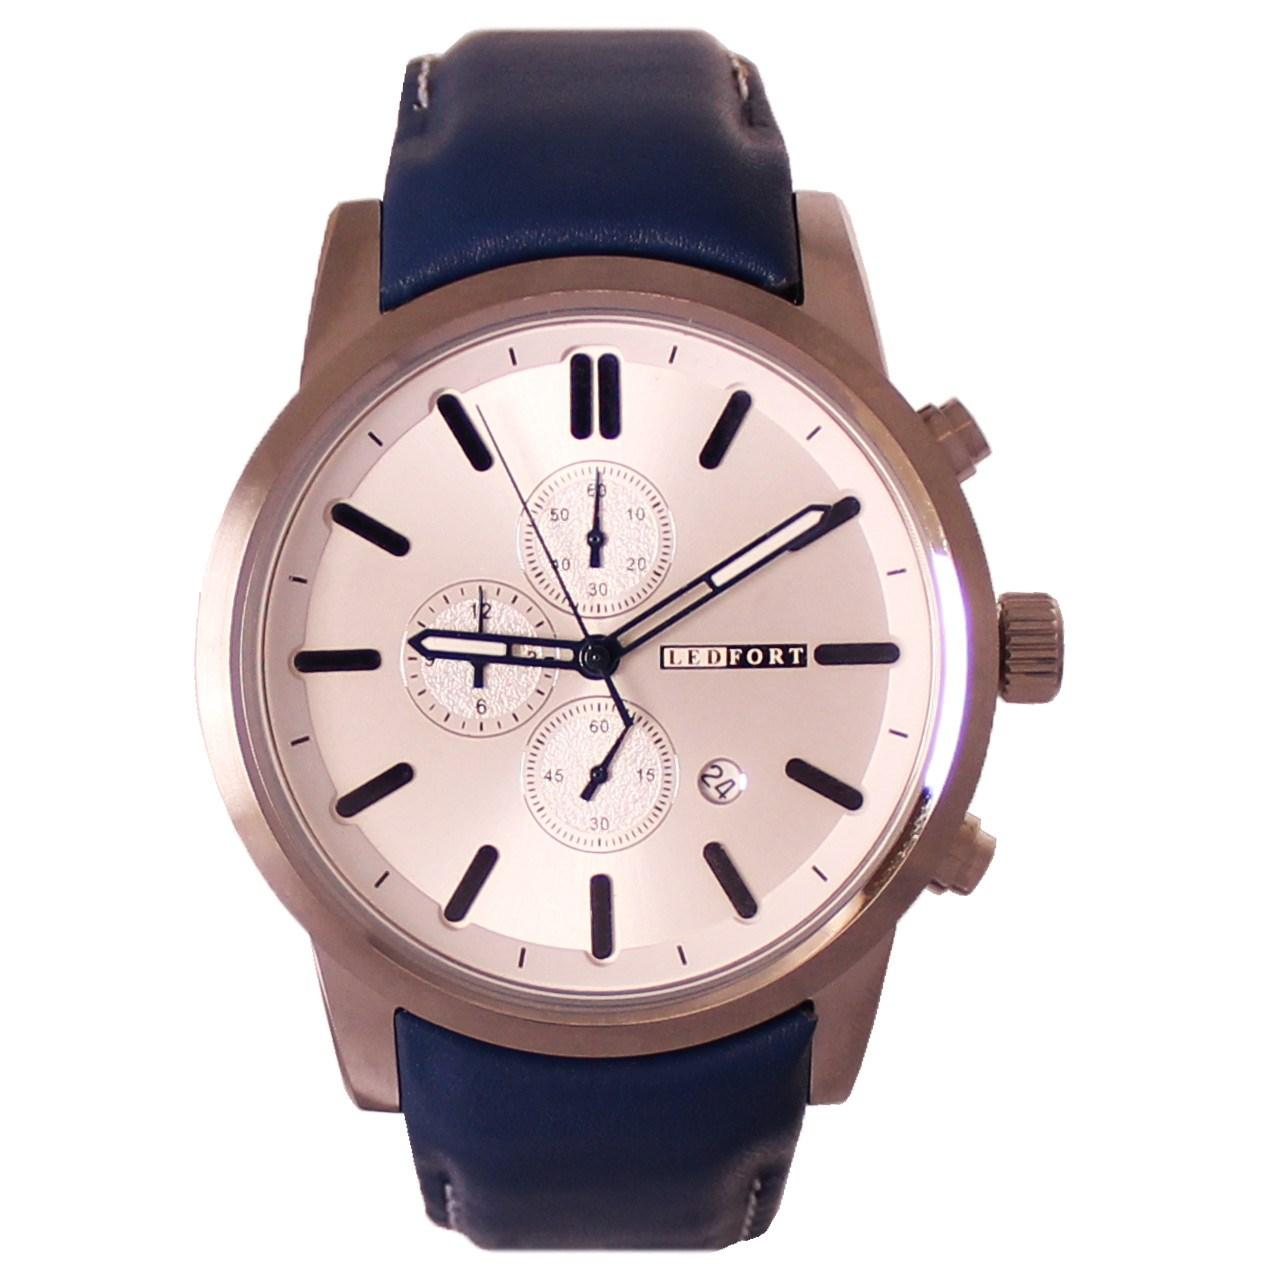 ساعت مچی عقربه ای مردانه لدفورت مدل کرنوگراف کد MK-0001